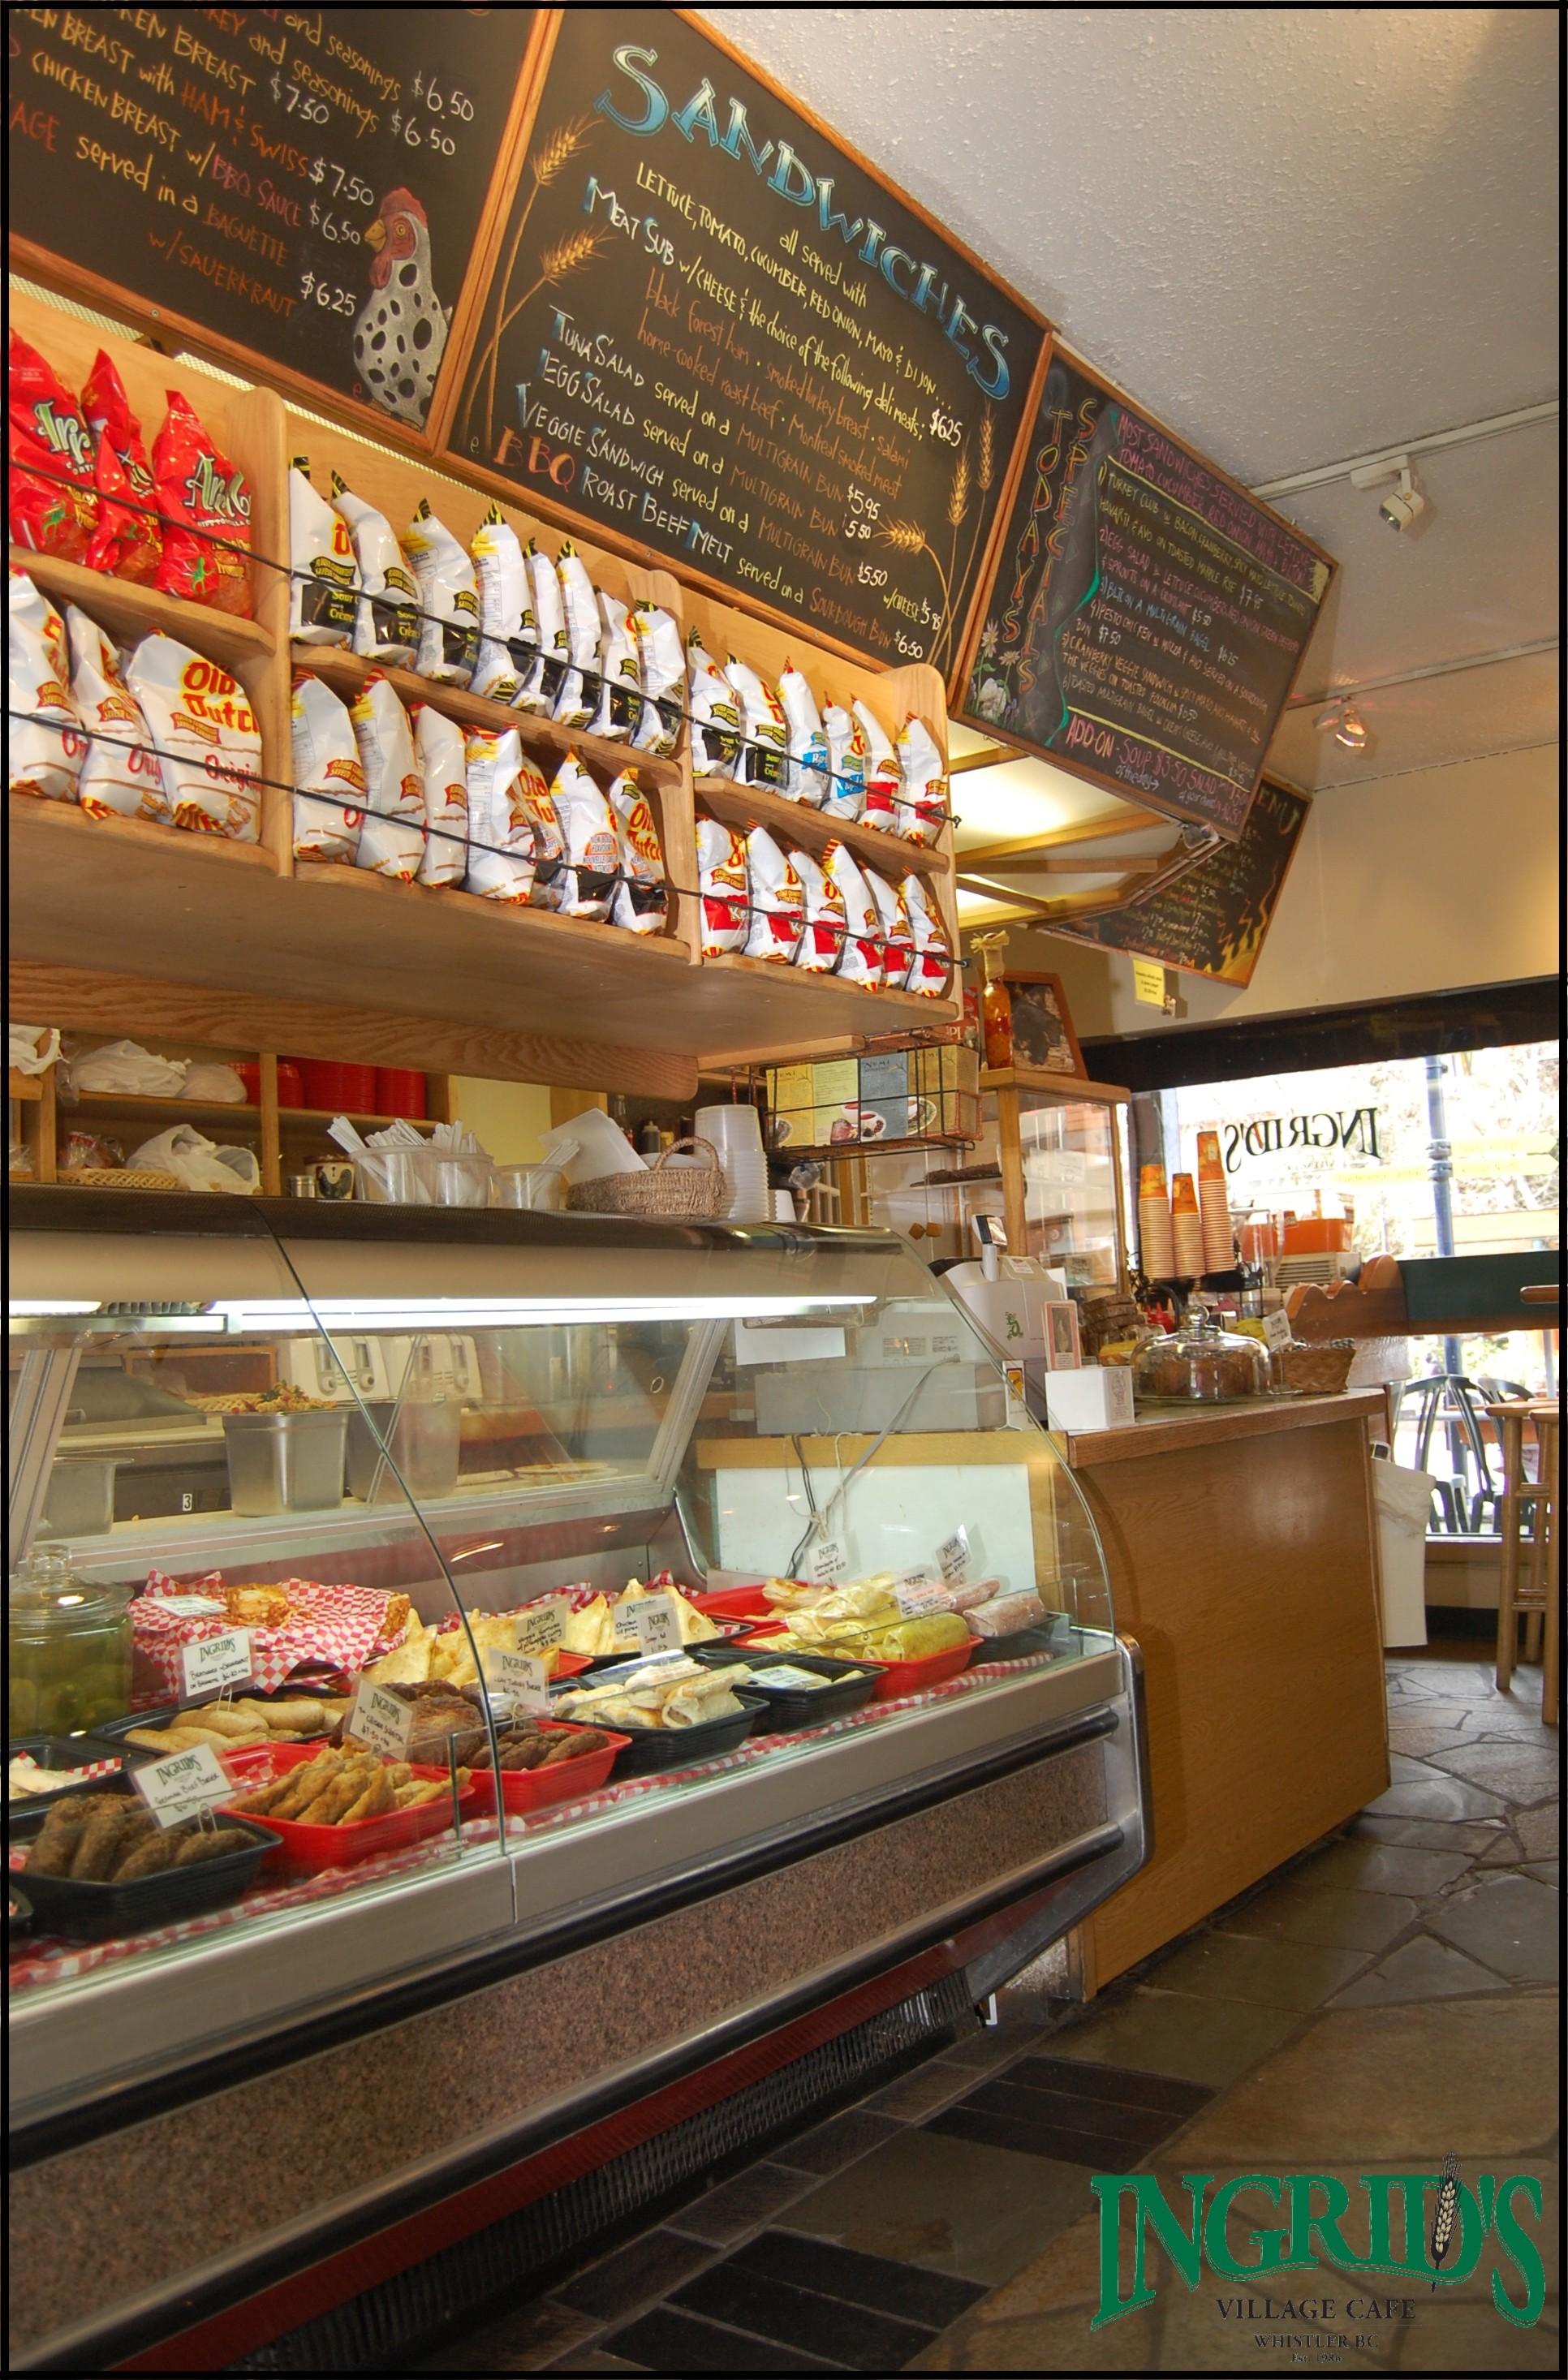 Inside if Ingrid's cafe